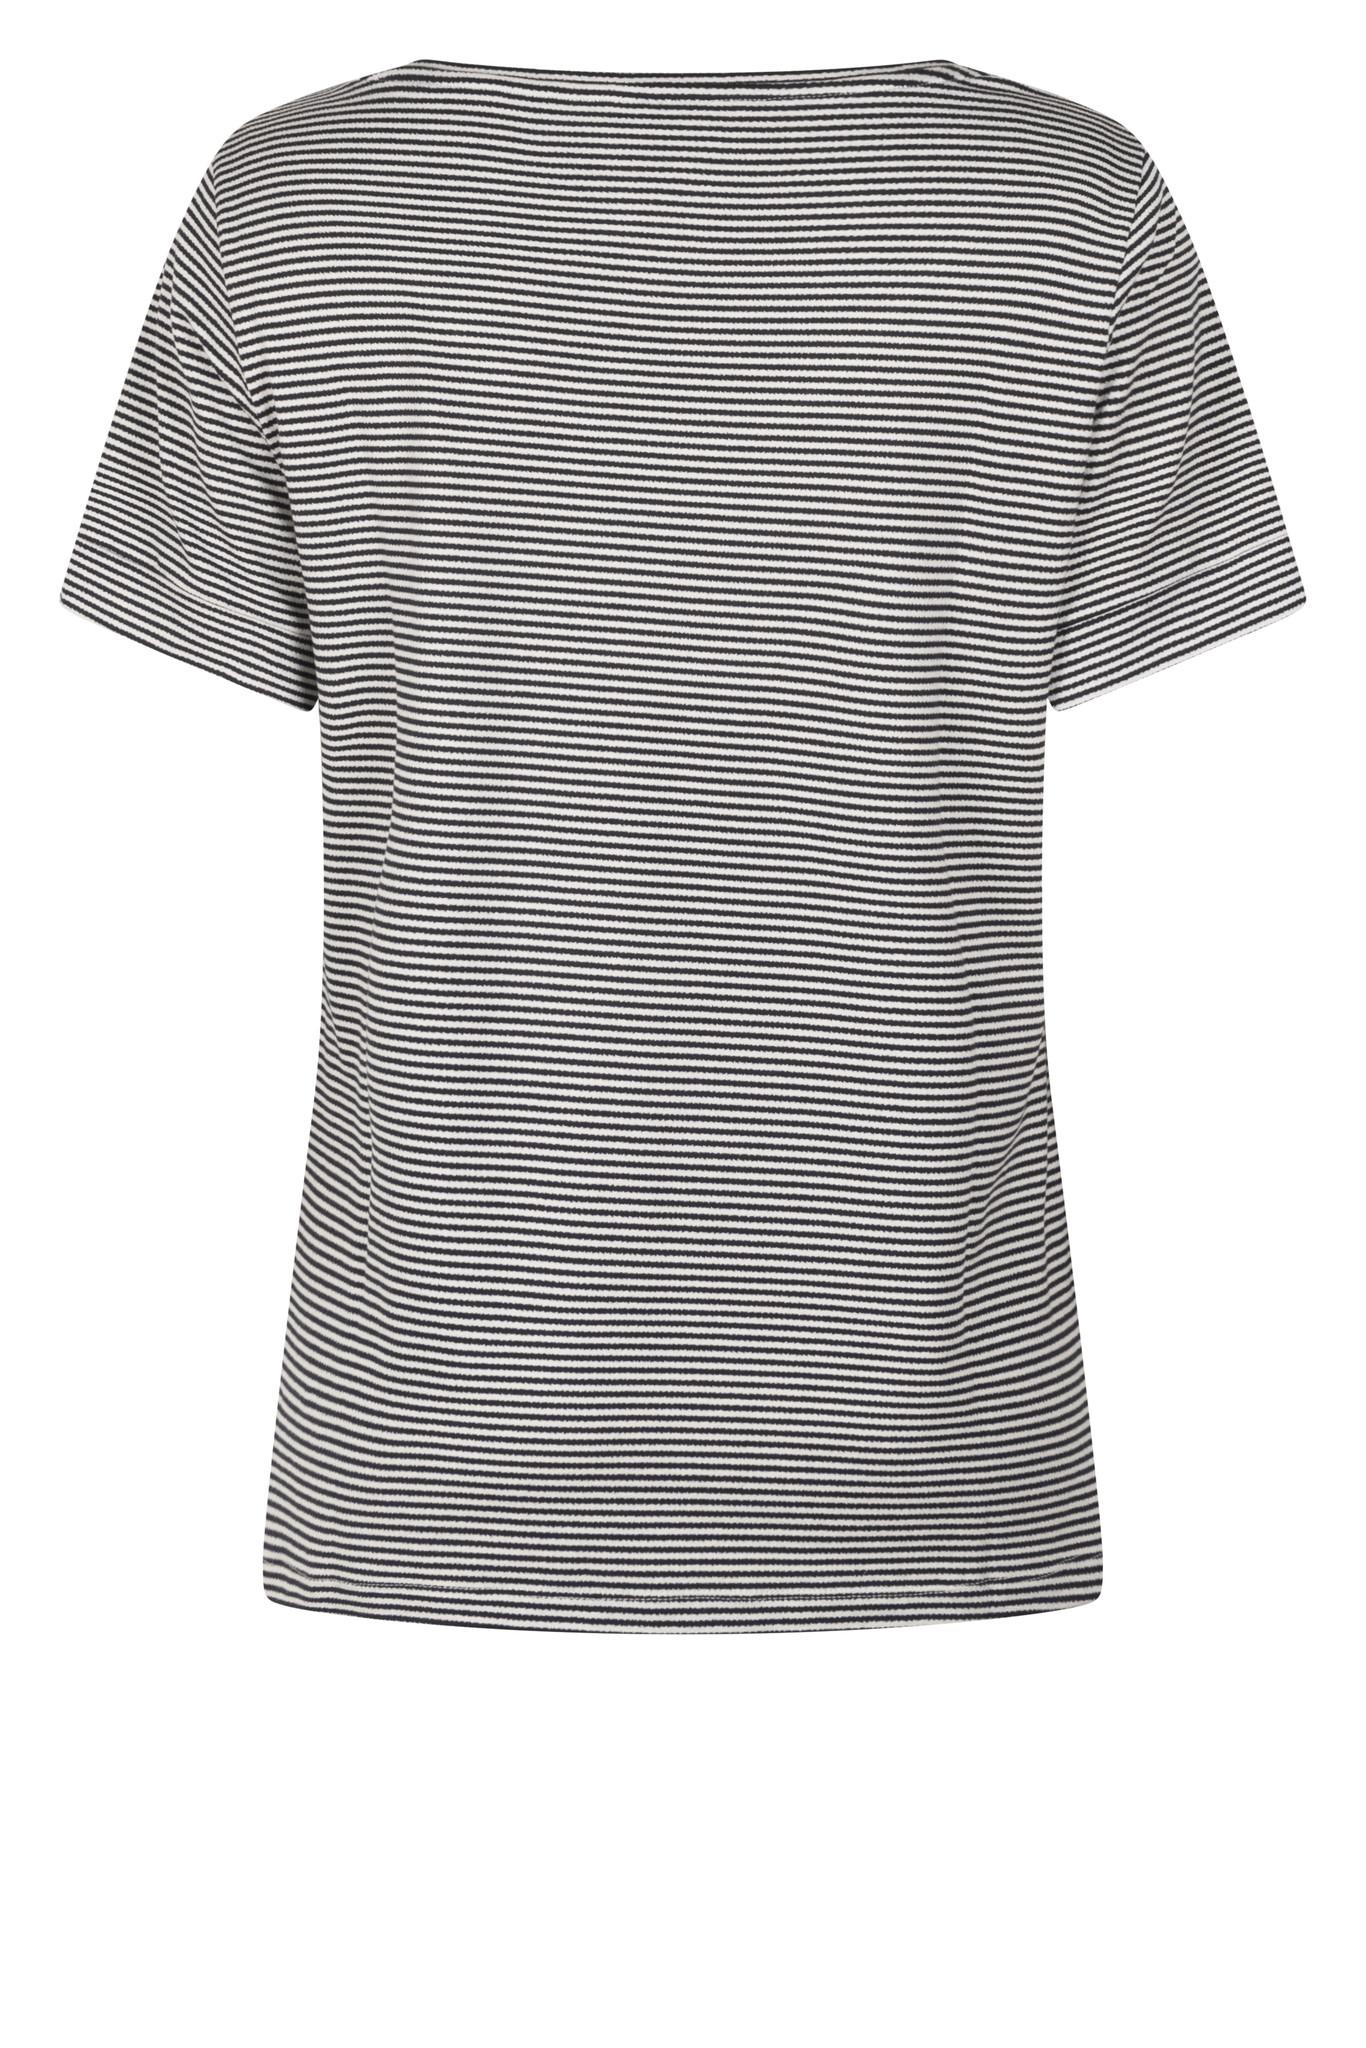 Zoso Zoso Fabienne t-shirt striped